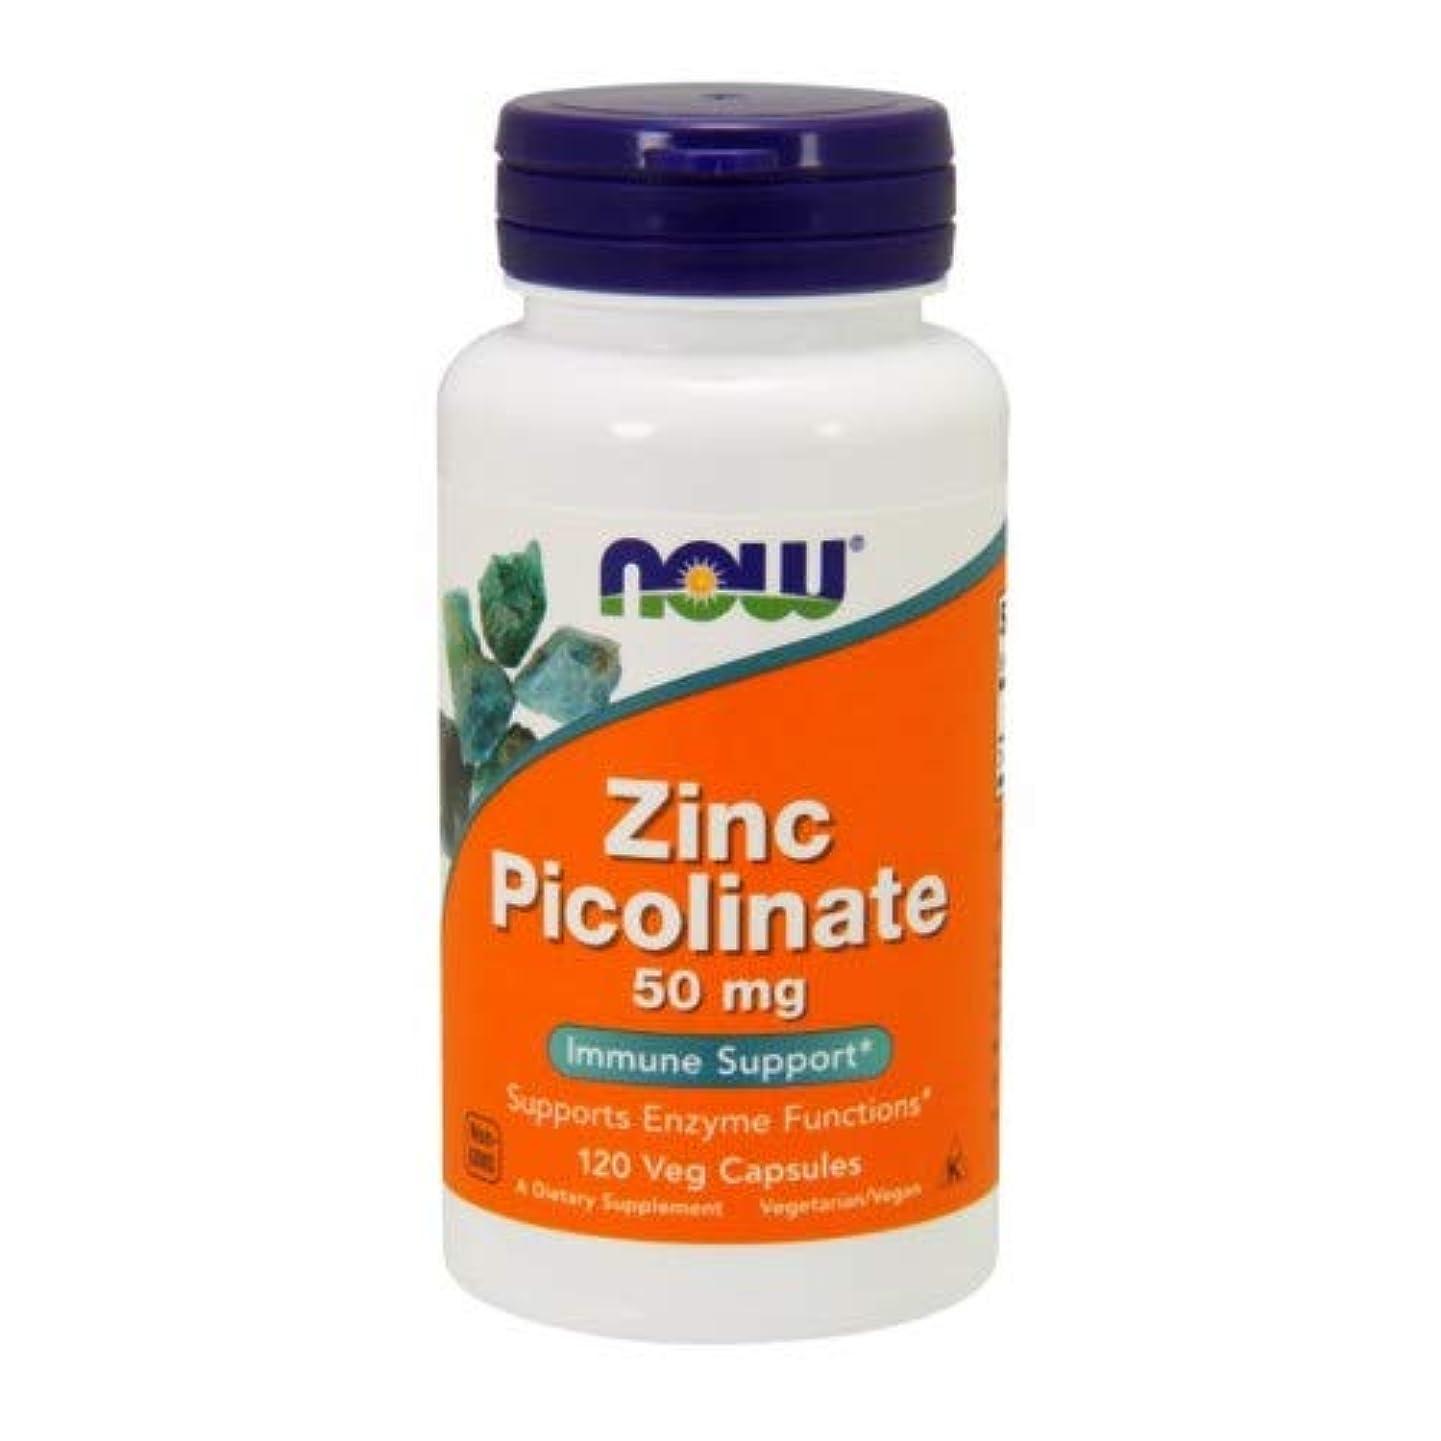 ジャンクション数学的な批判的にNOW Foods - 亜鉛Picolinate 50 mg。120カプセル【海外直送品】